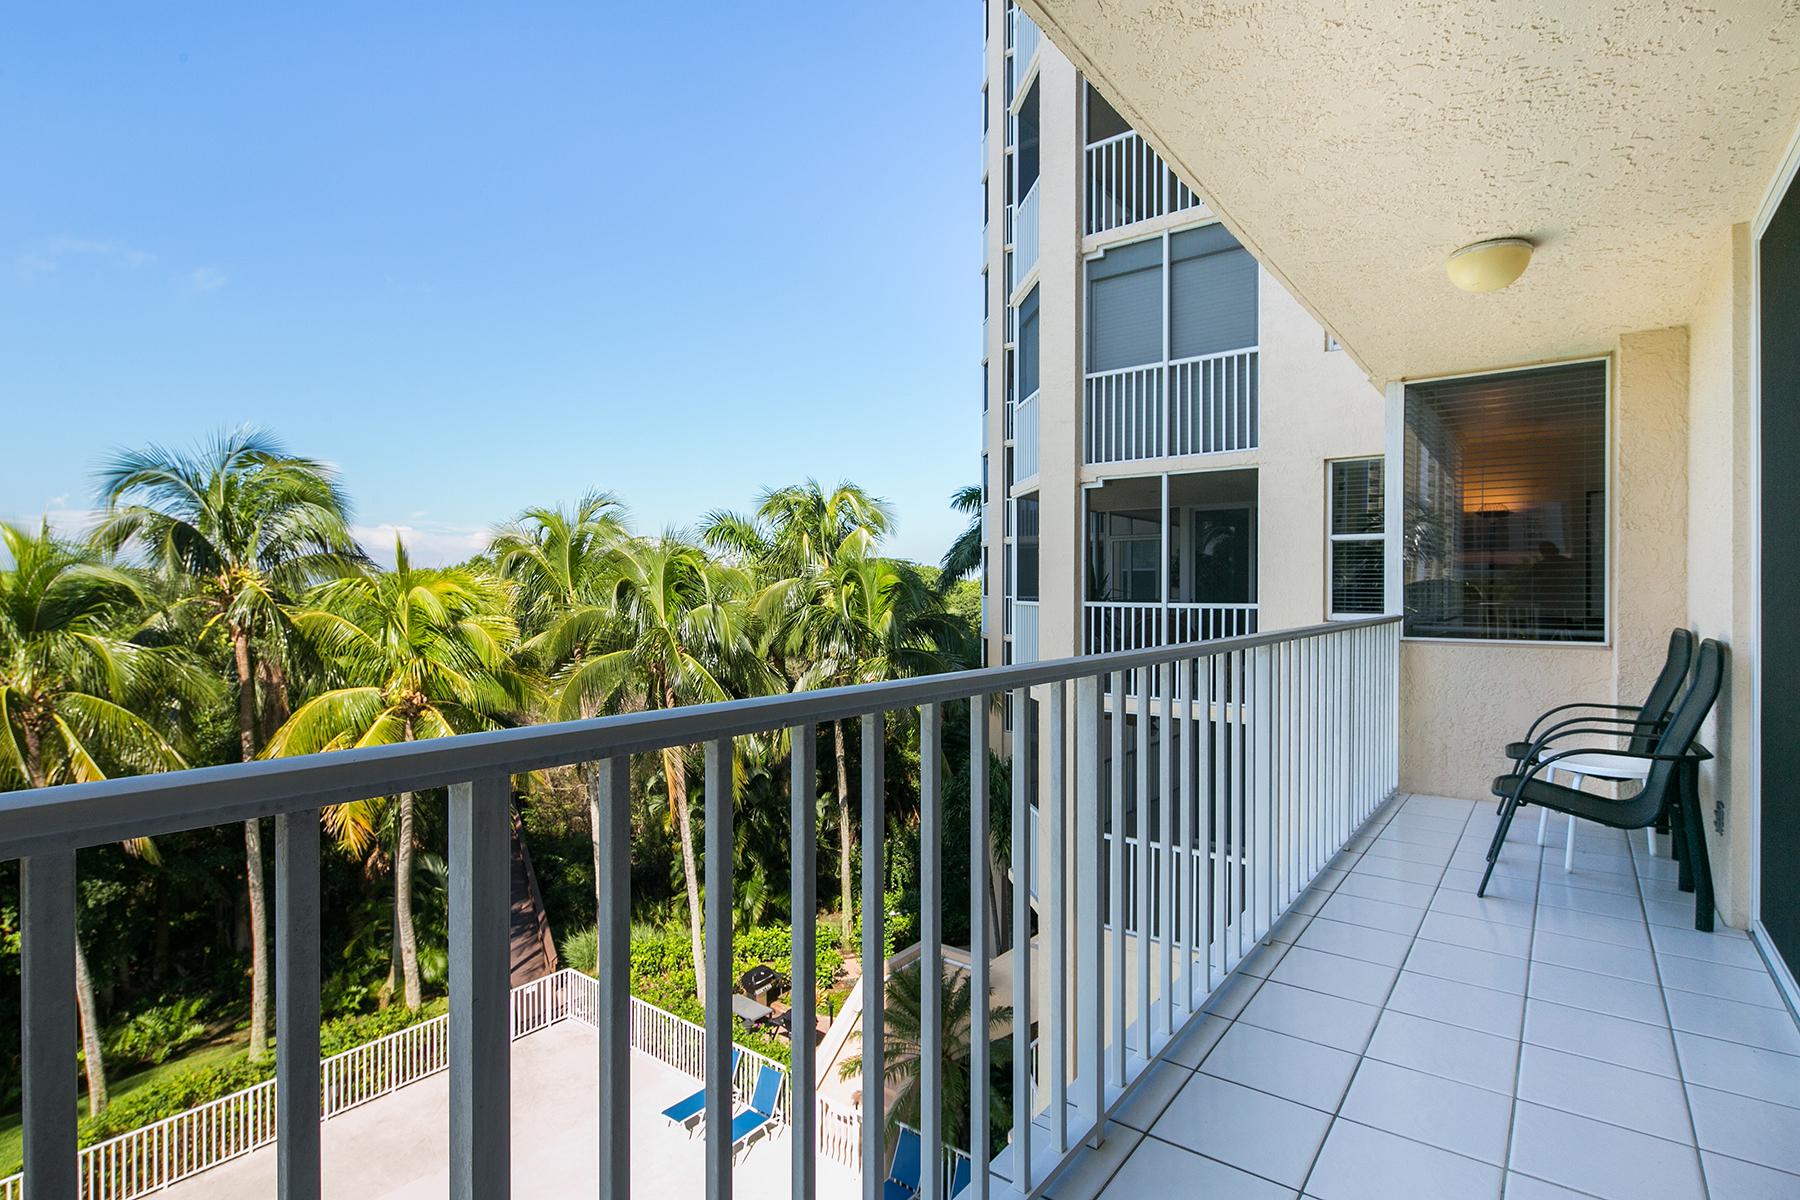 Eigentumswohnung für Verkauf beim 5550 Heron Point Dr , 304, Naples, FL 34108 5550 Heron Point Dr 304 Pelican Bay, Naples, Florida 34108 Vereinigte Staaten